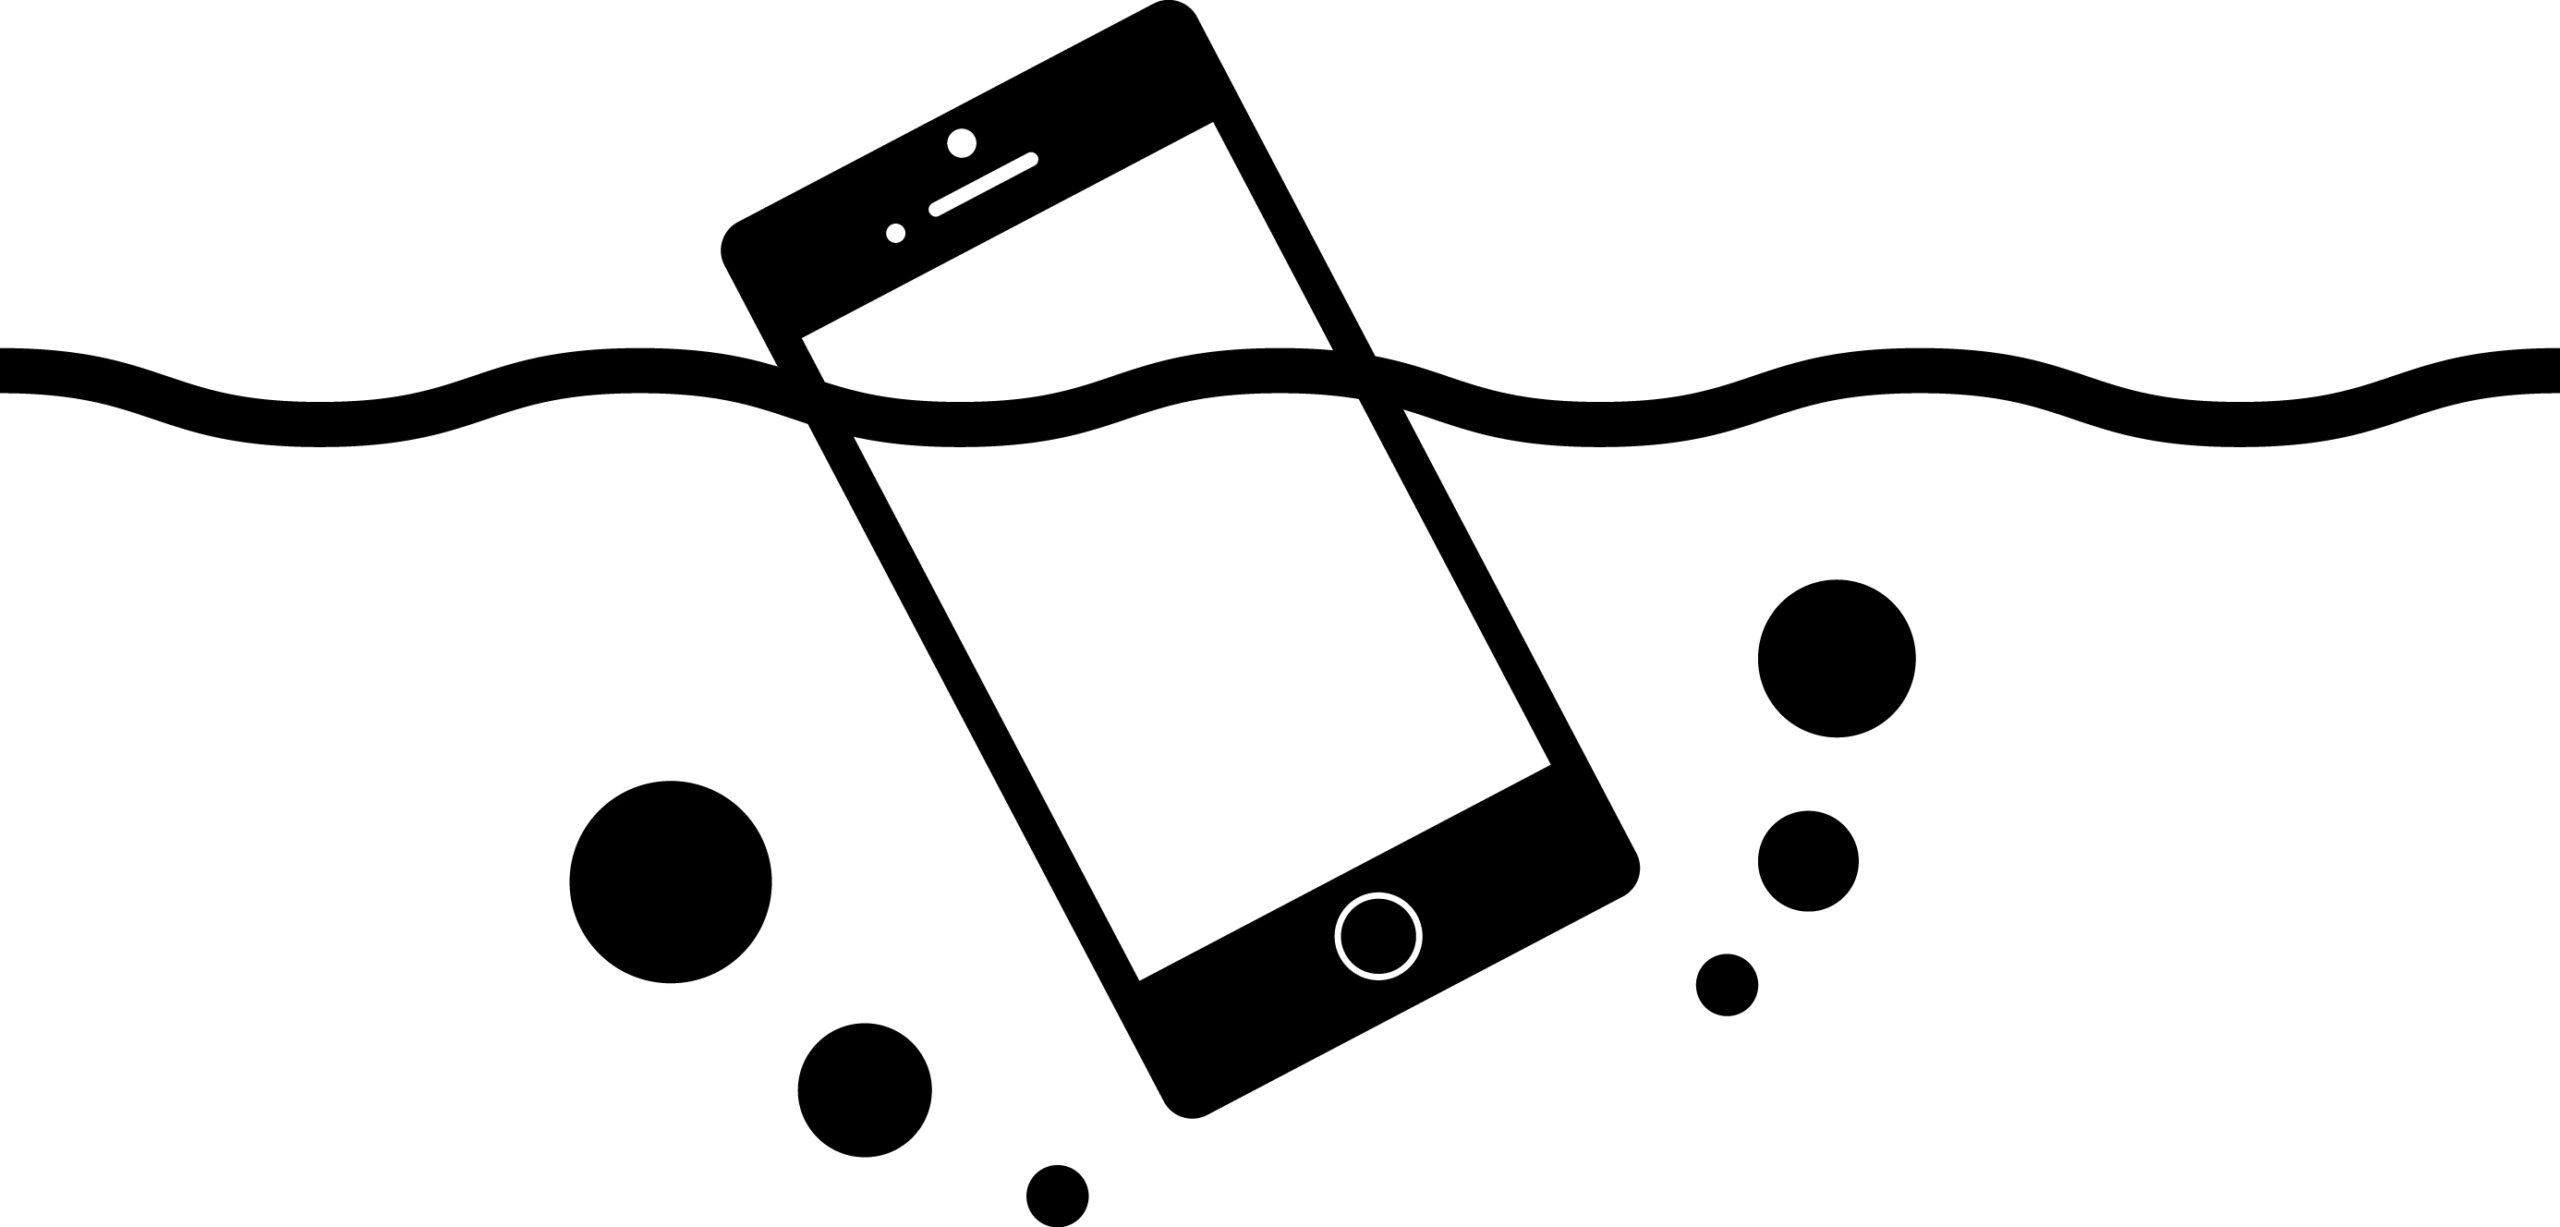 水没しているiPhoneのイラストイメージ